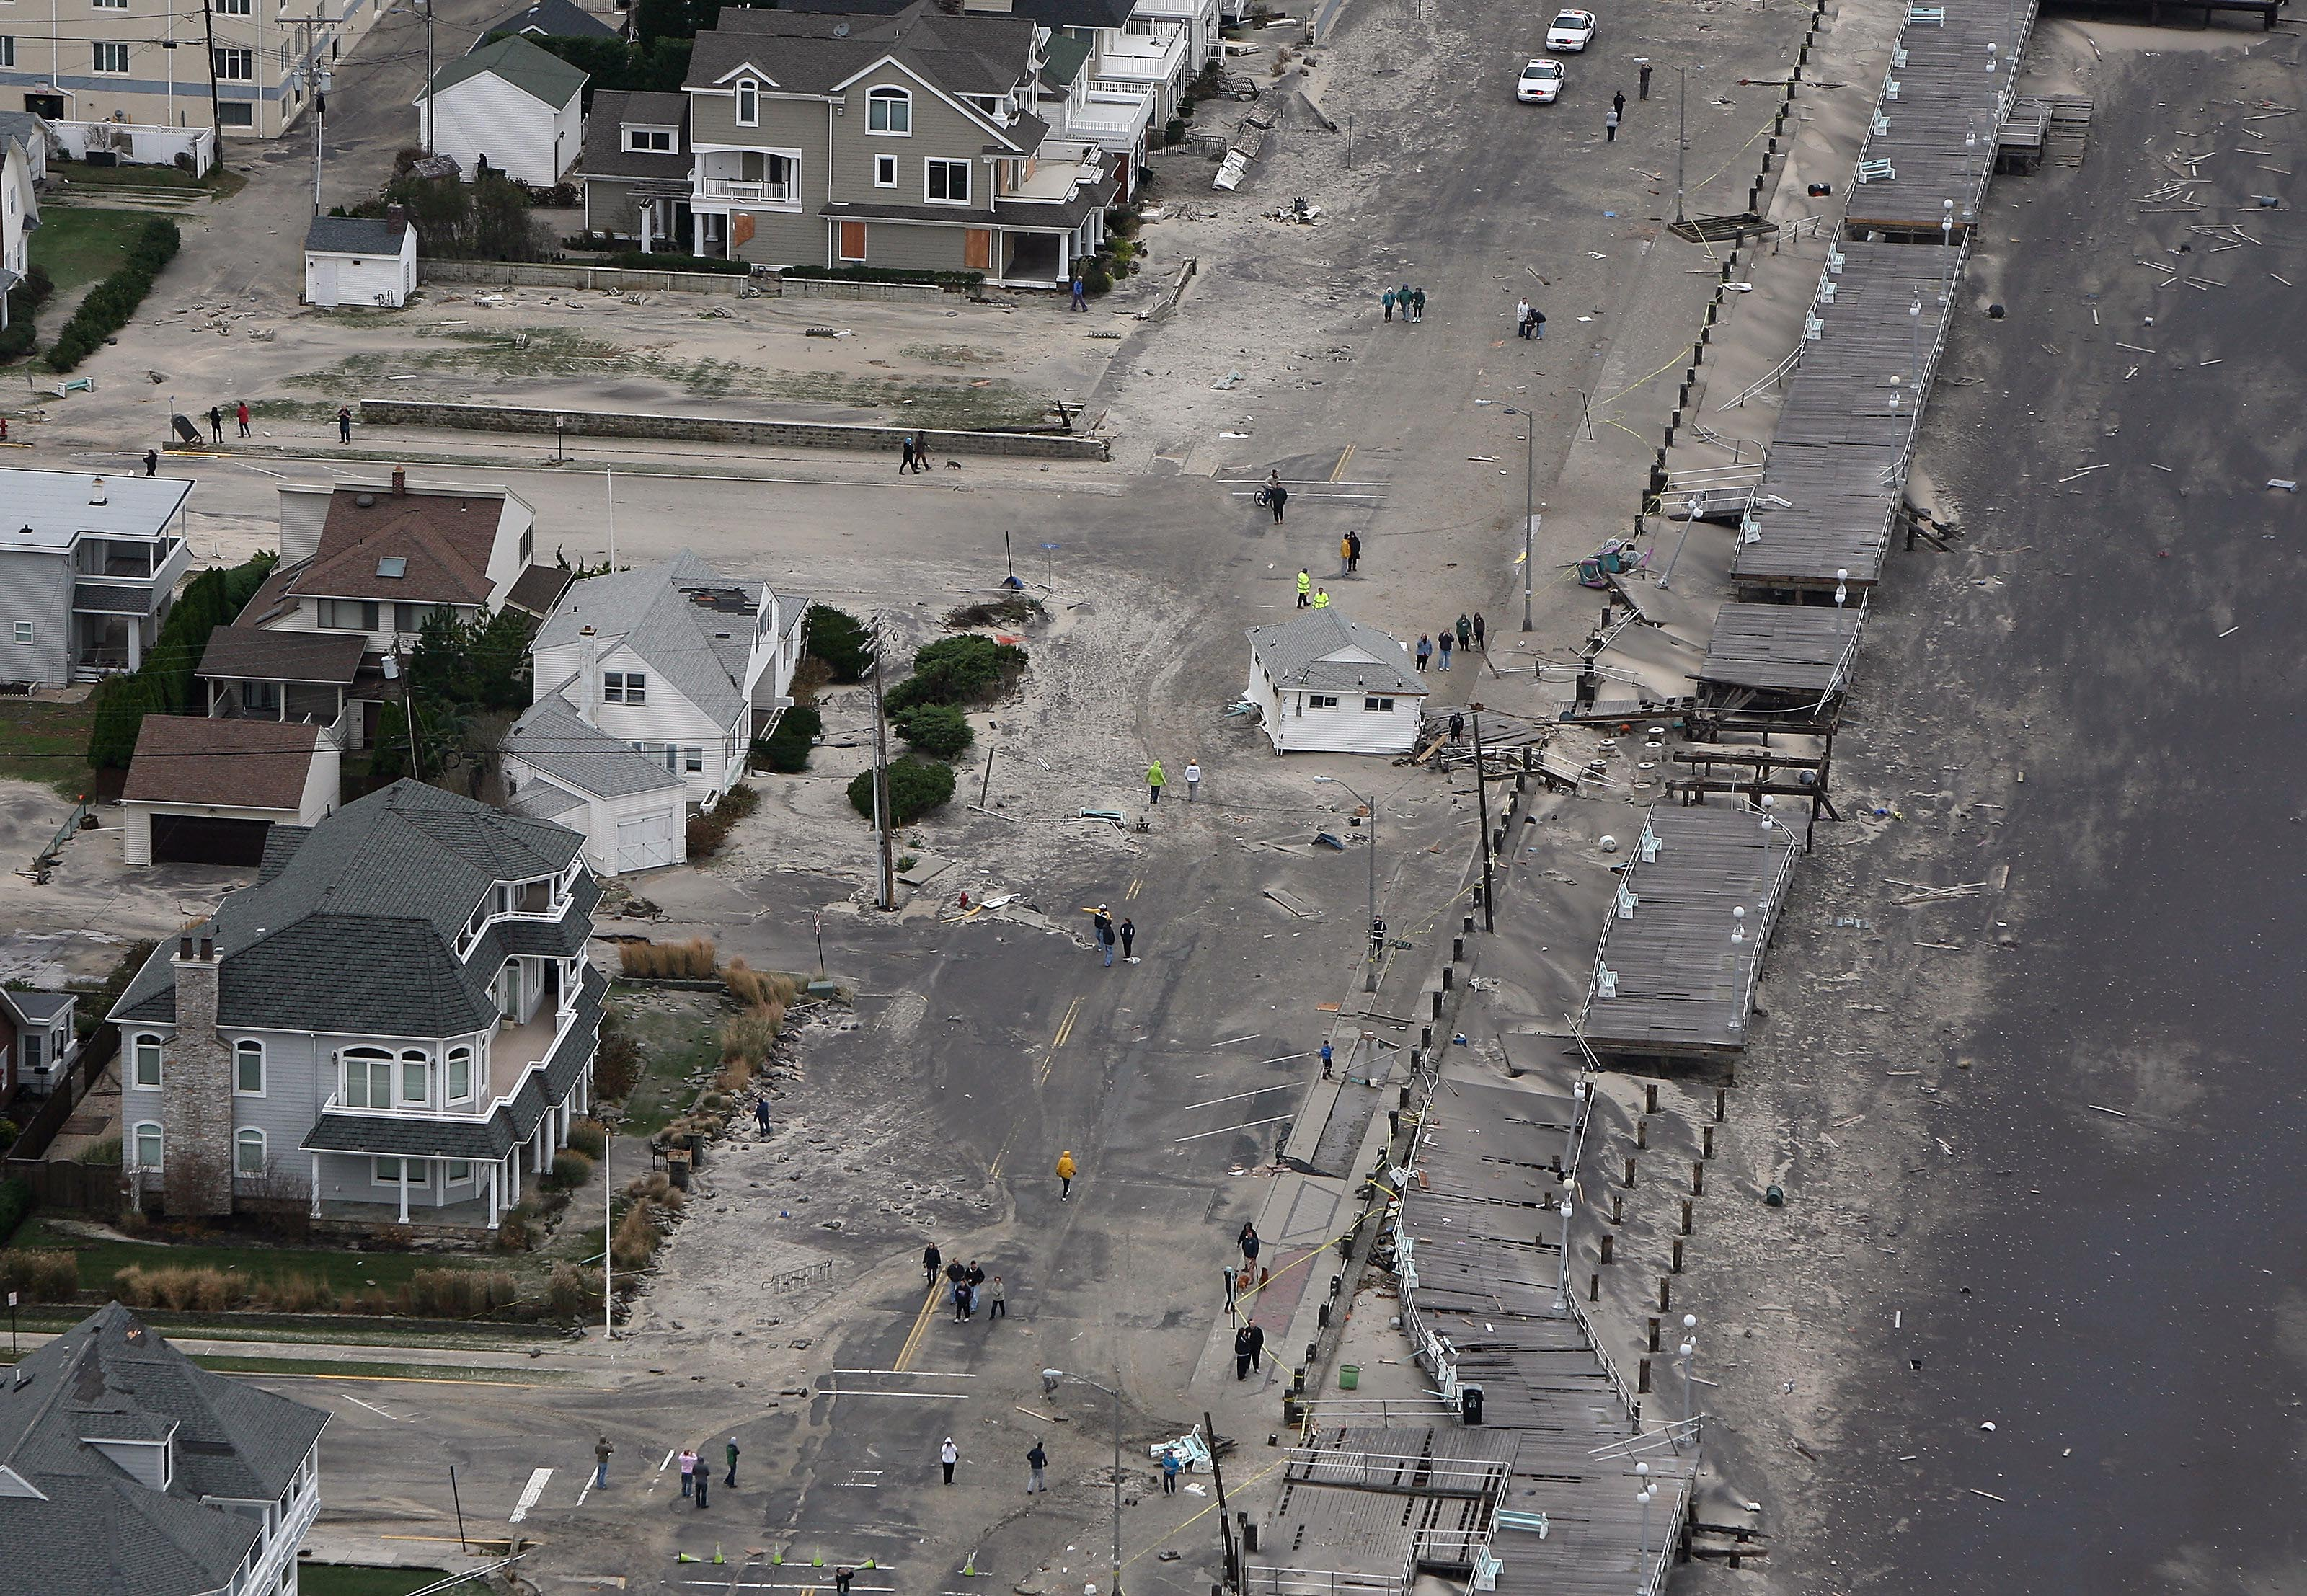 New Jerseyans Begin Assessing Damage from Hurricane Sandy NJTV News 3200x2214